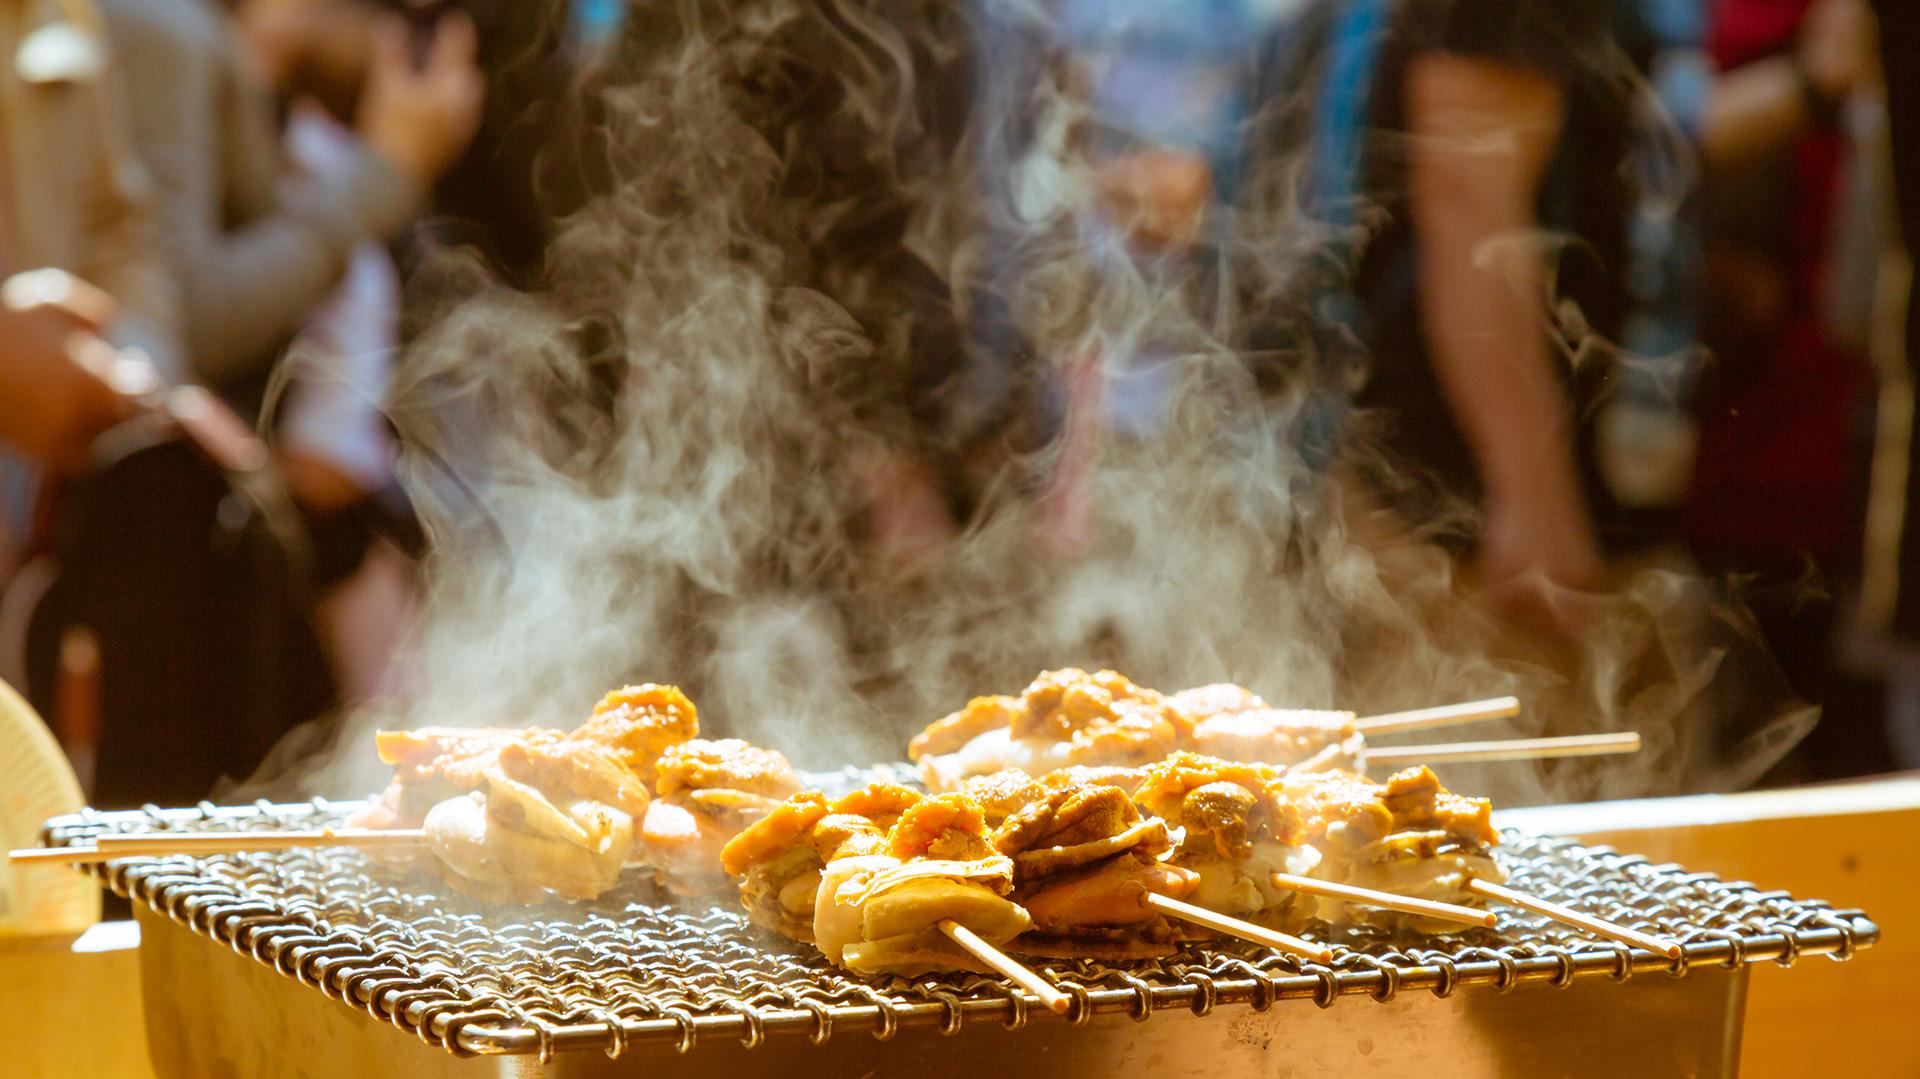 Se pueden degustar platos gourmet en los puestos locales (Getty images)